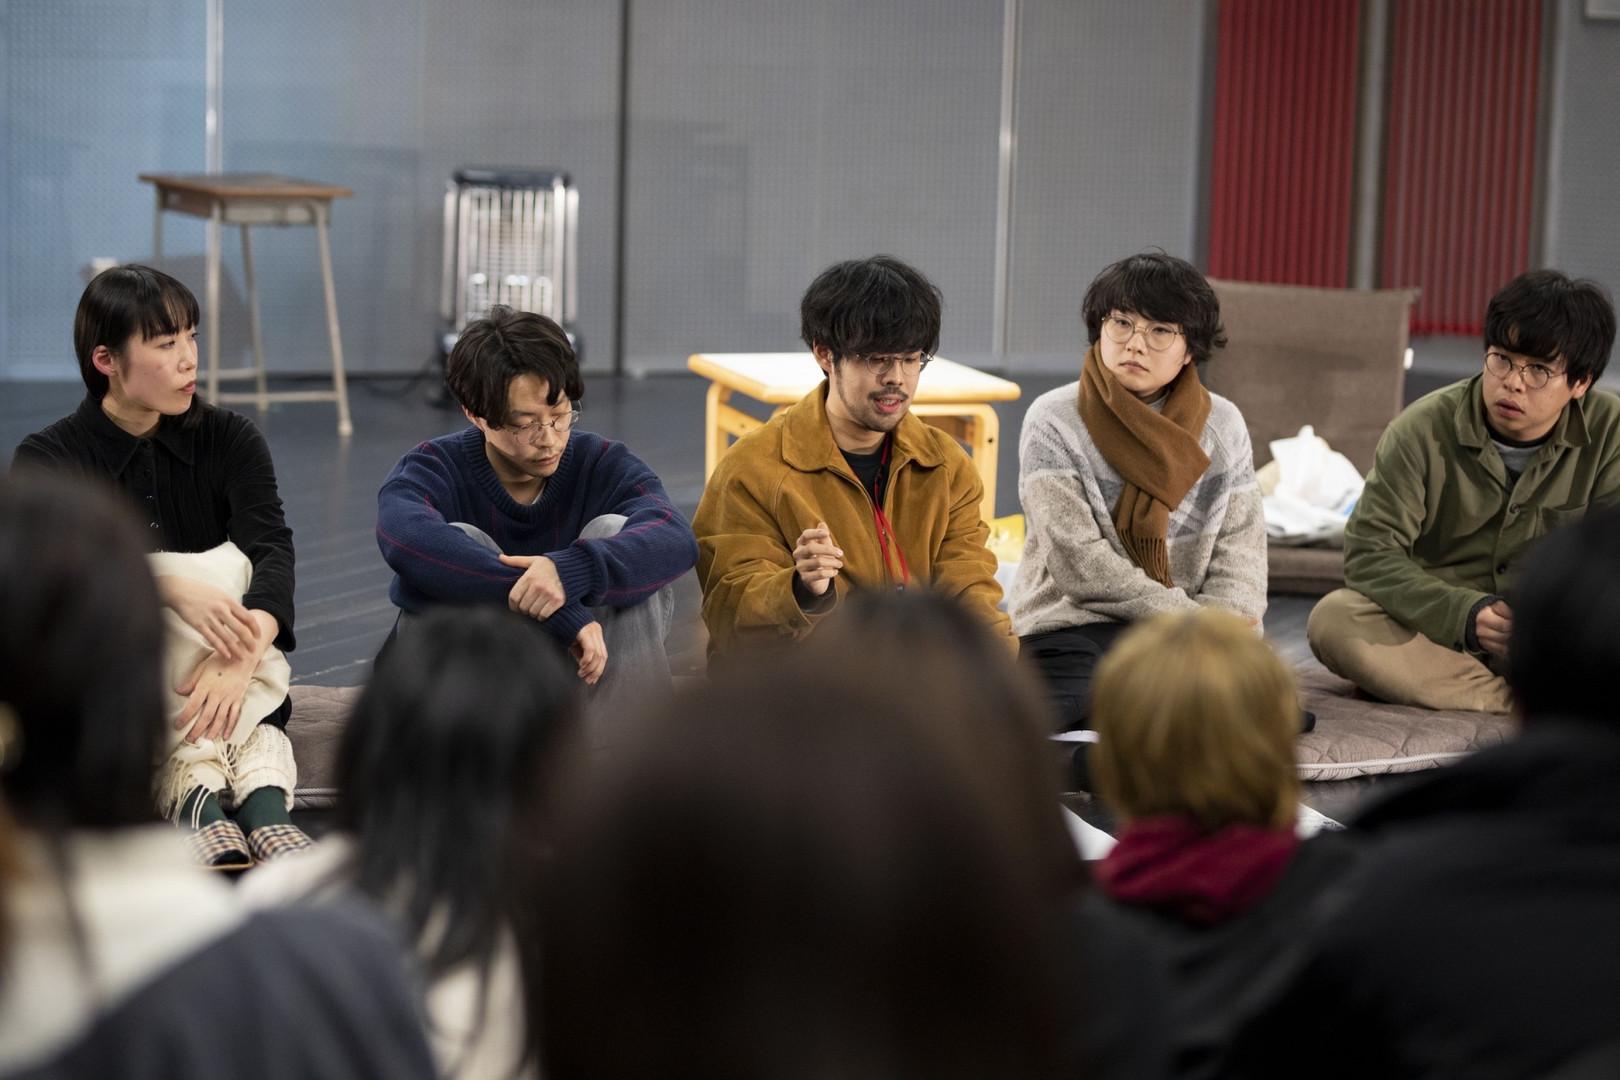 2019:柳生二千翔(女の子には内緒)